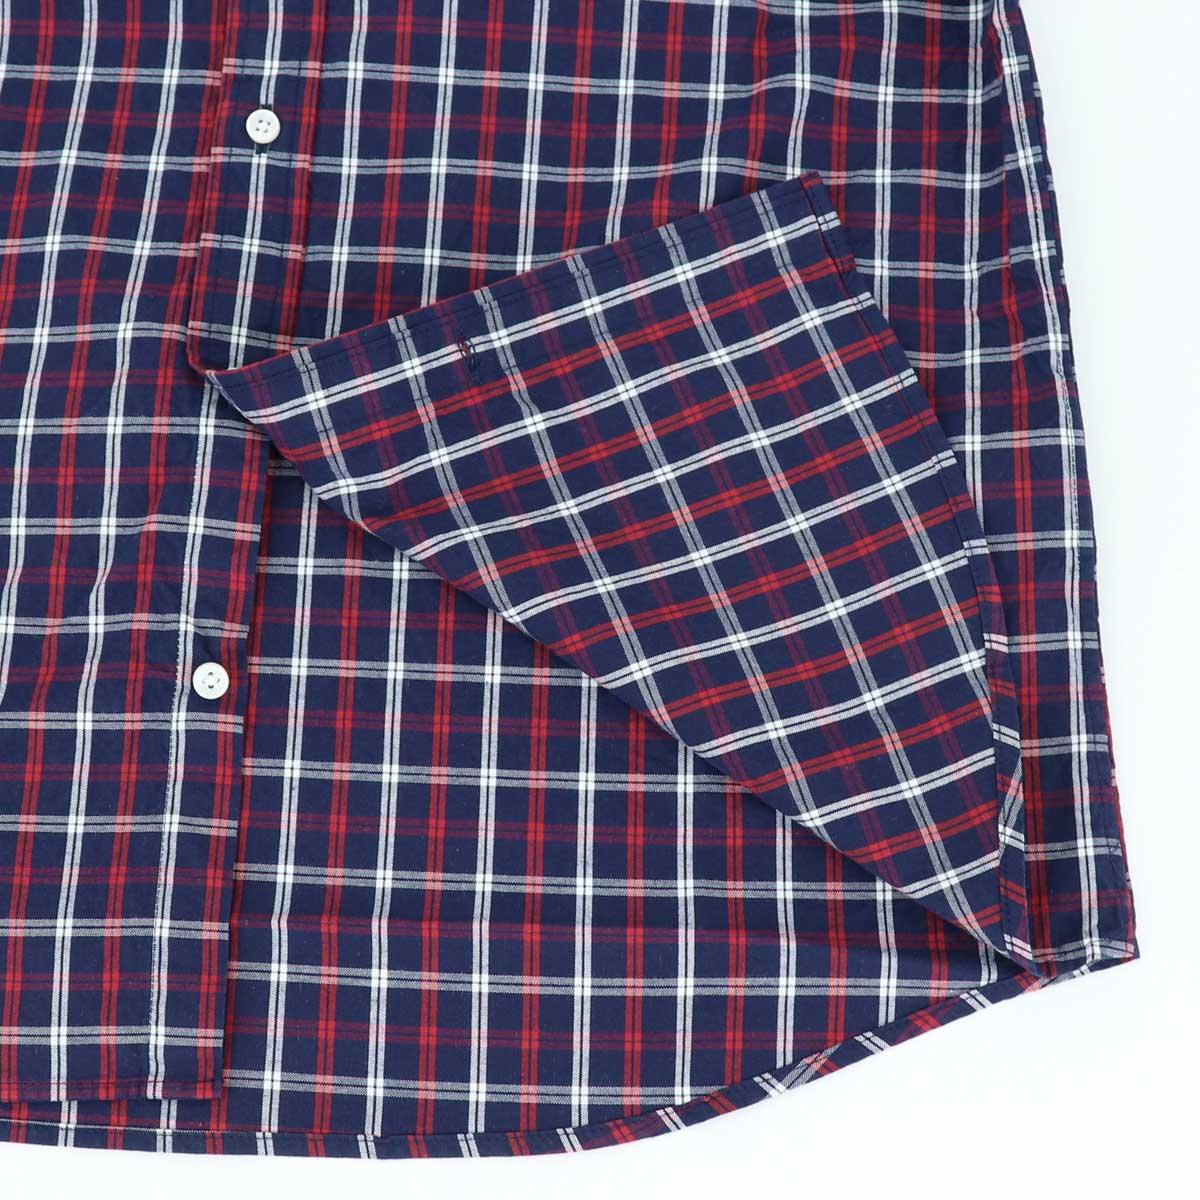 【50%OFF】トラディショナルチェック ボタンダウンシャツ NAVY×RED(ネイビー×レッド)